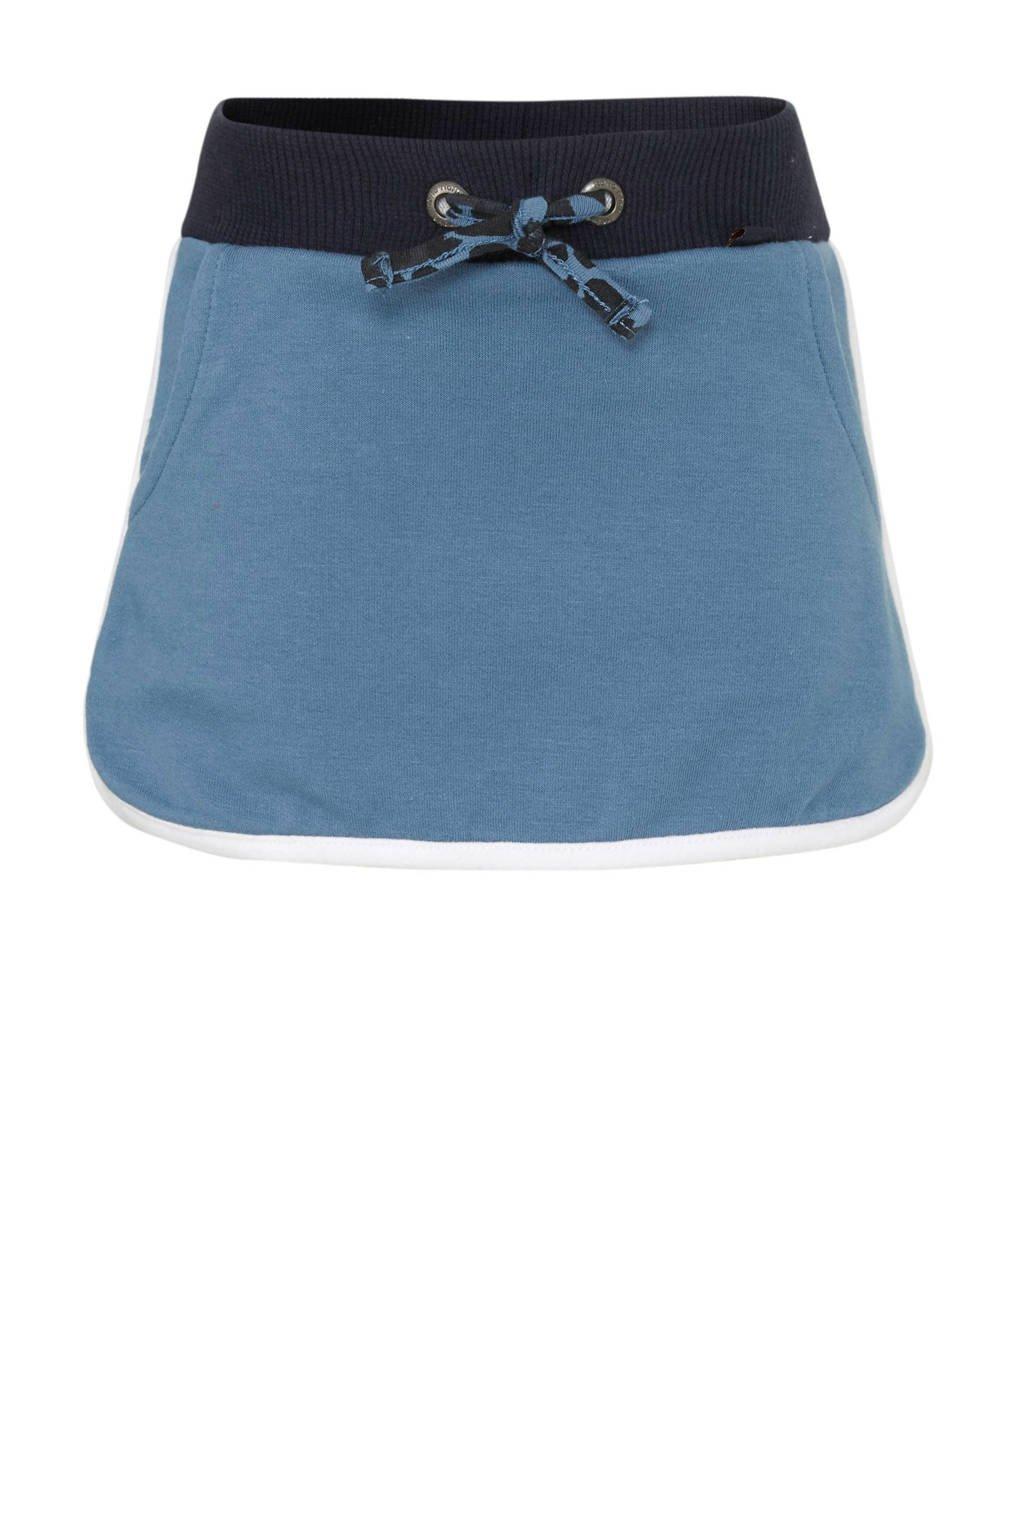 Koko Noko rok blauw/donkerblauw, Blauw/donkerblauw